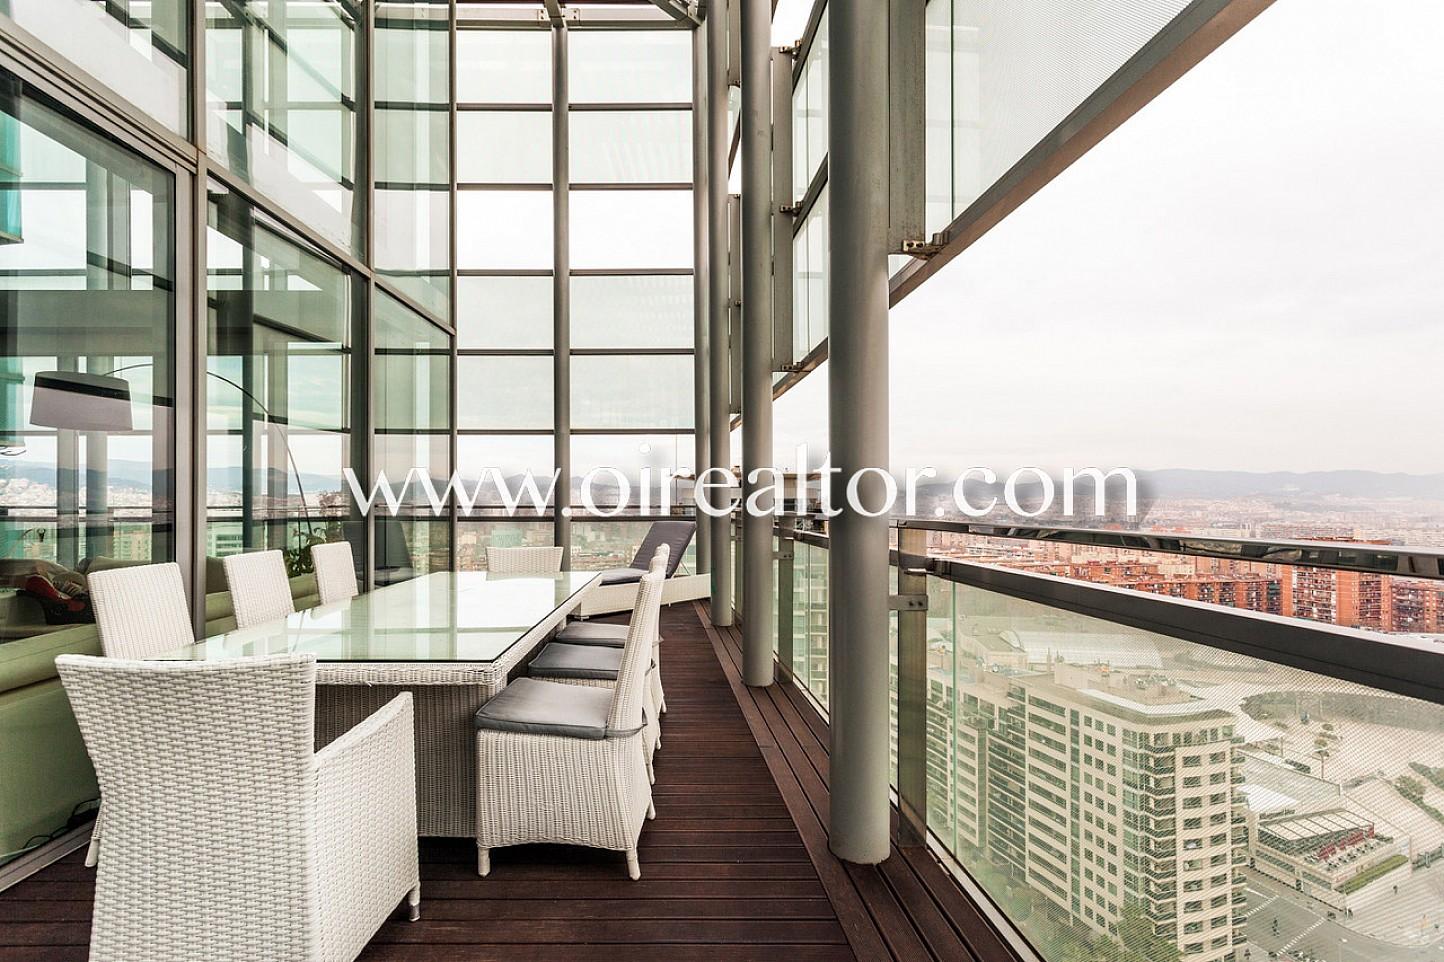 Exclusivo tico duplex en diagonal mar con terraza y - Atico duplex barcelona ...